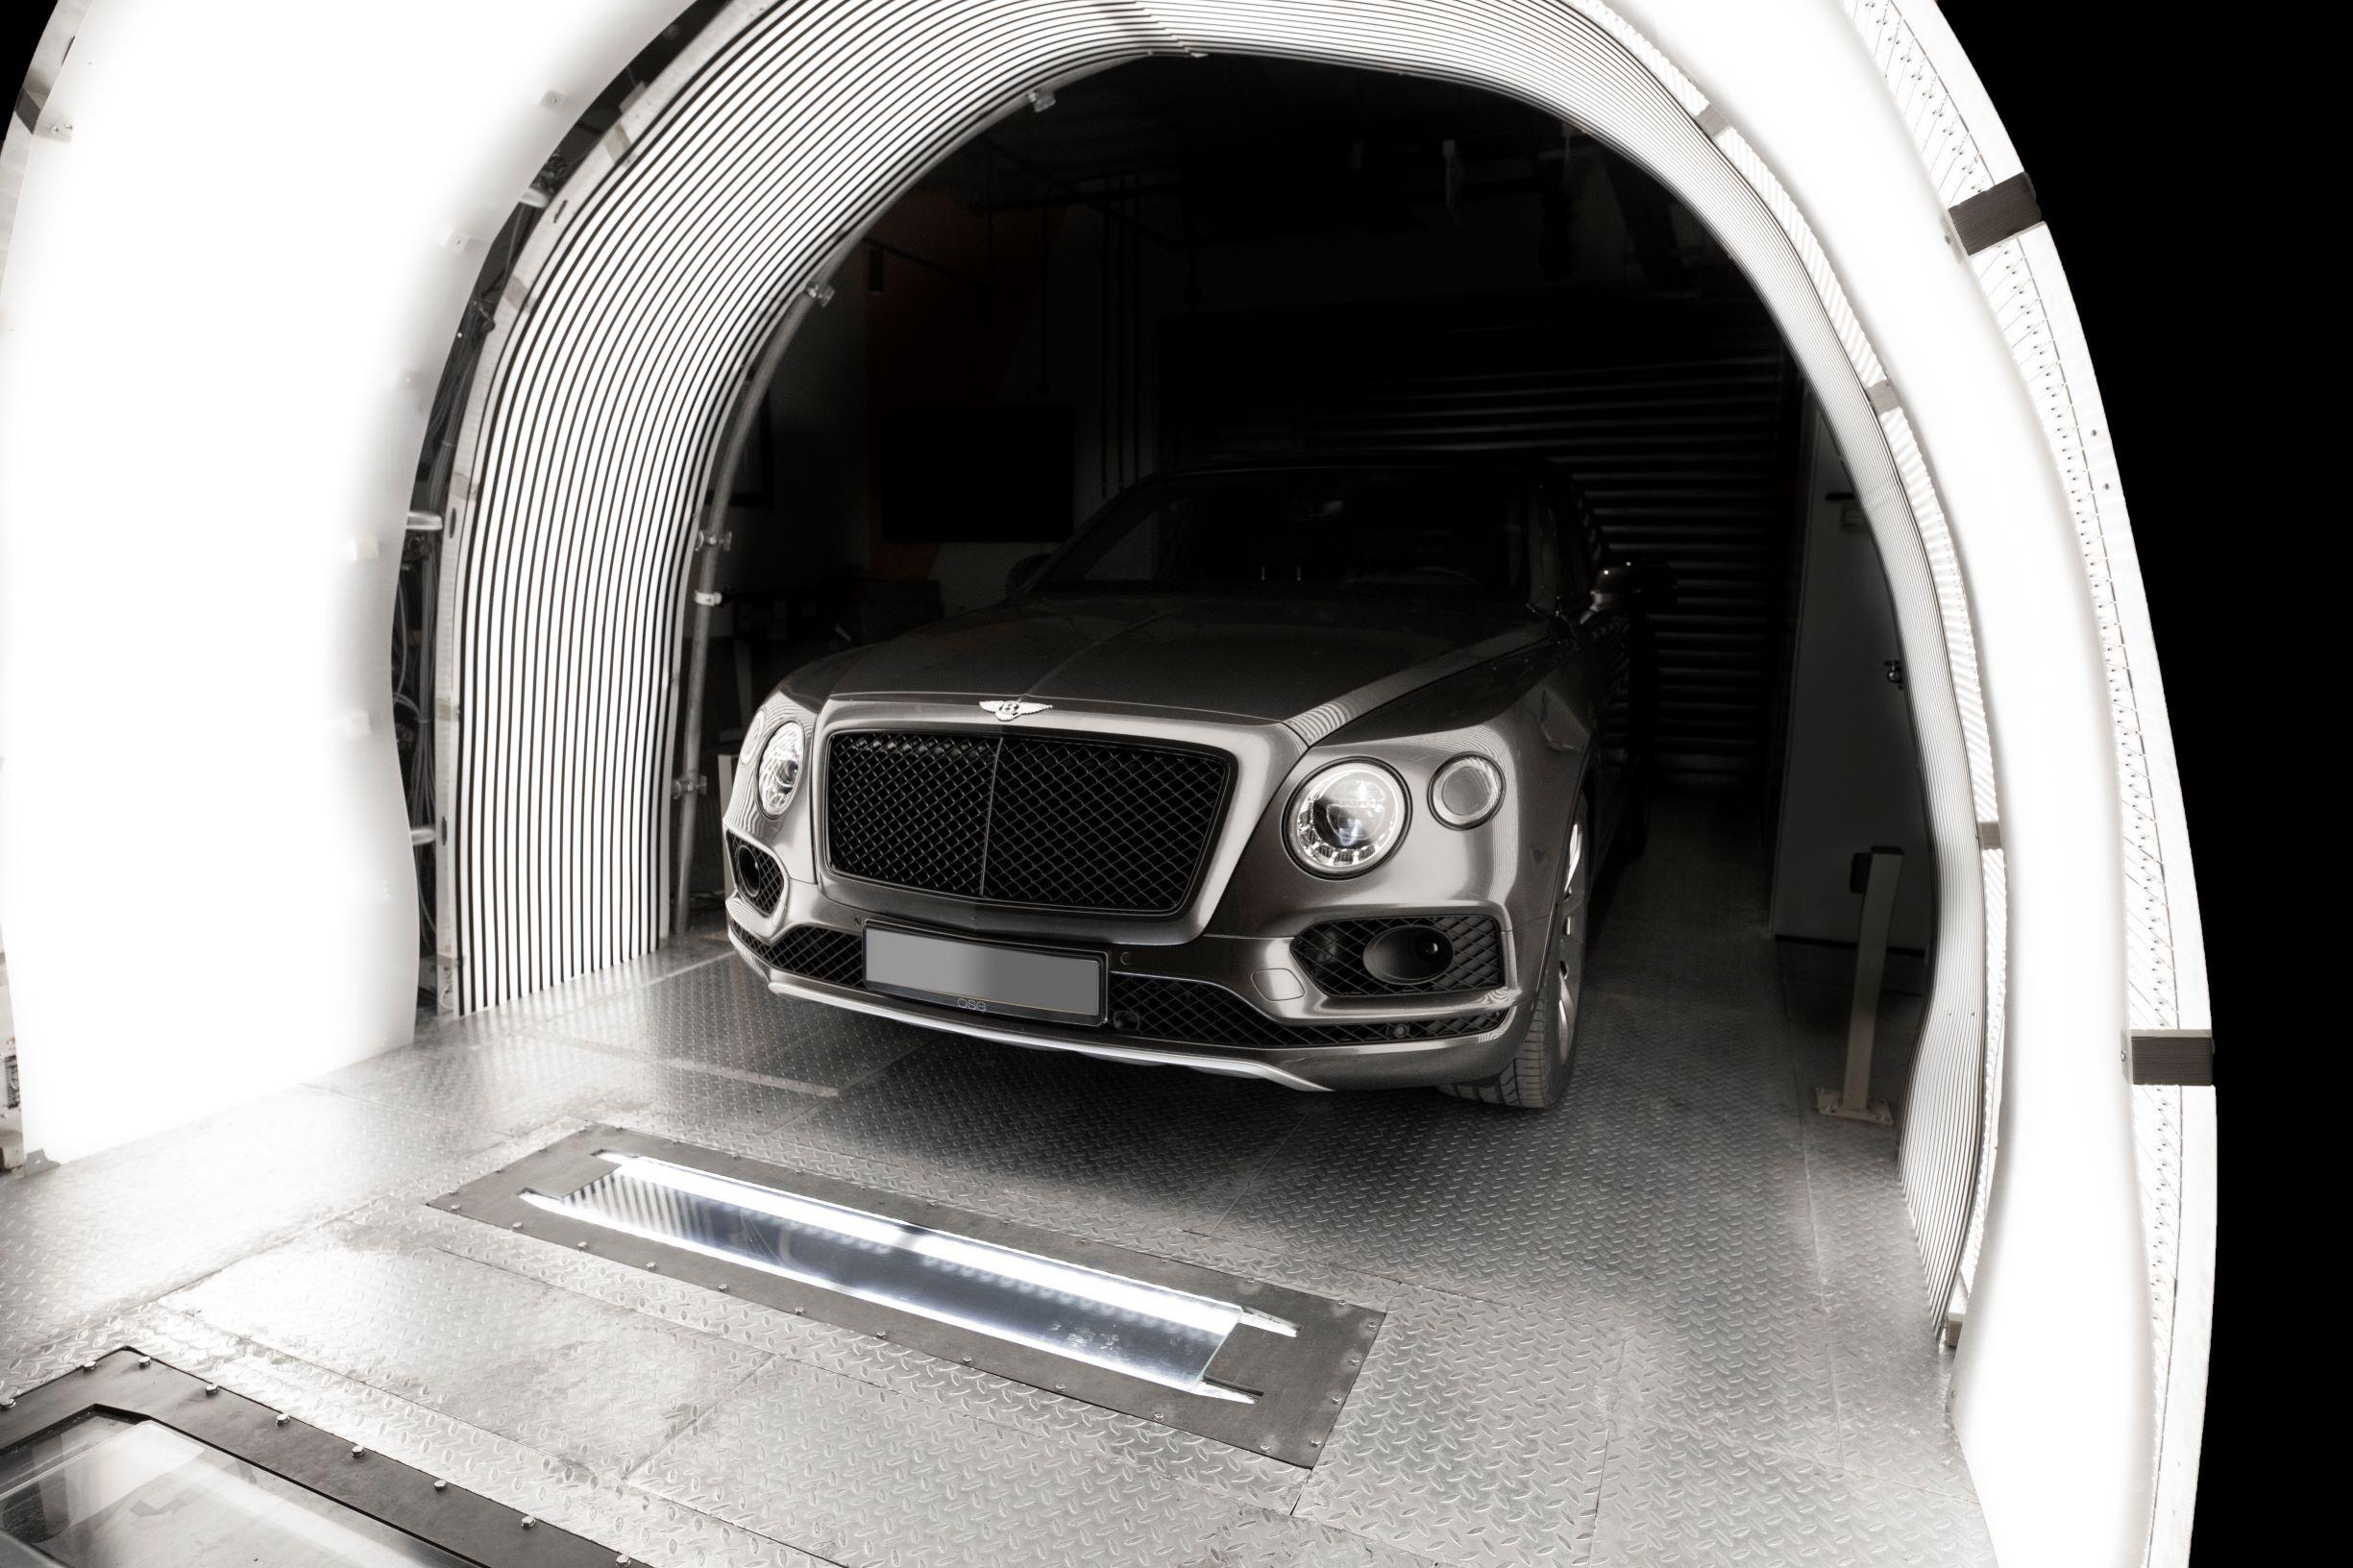 UVeye's car scanning system Photo: UVeye